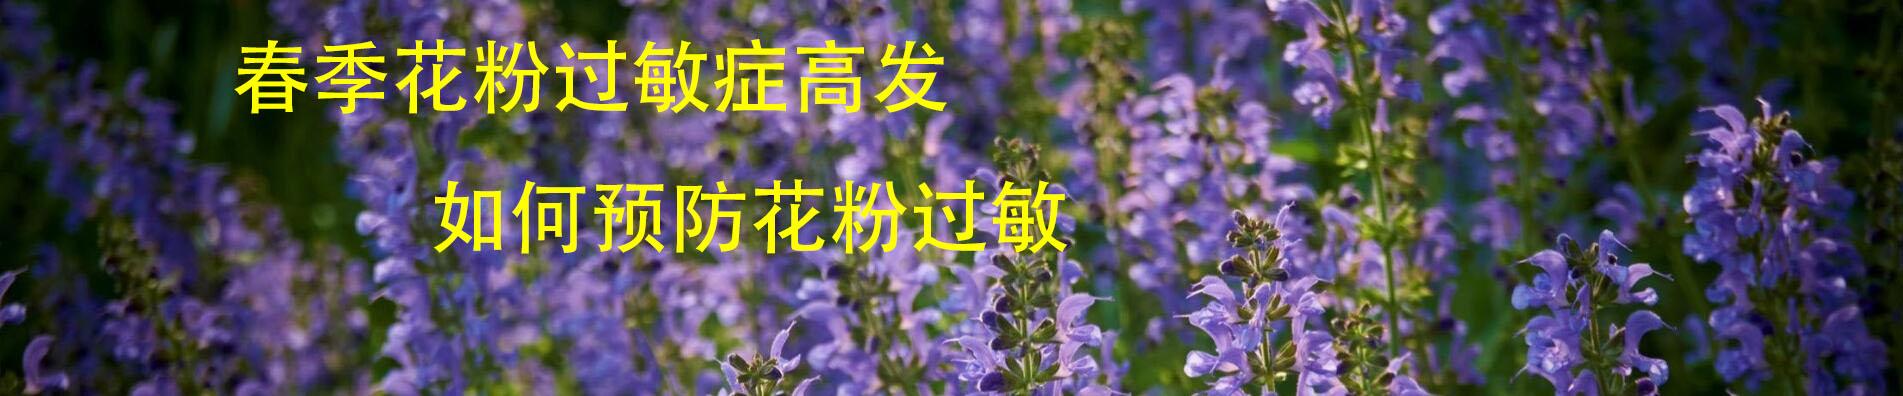 春季花粉过敏症高发 预防小妙招学回家